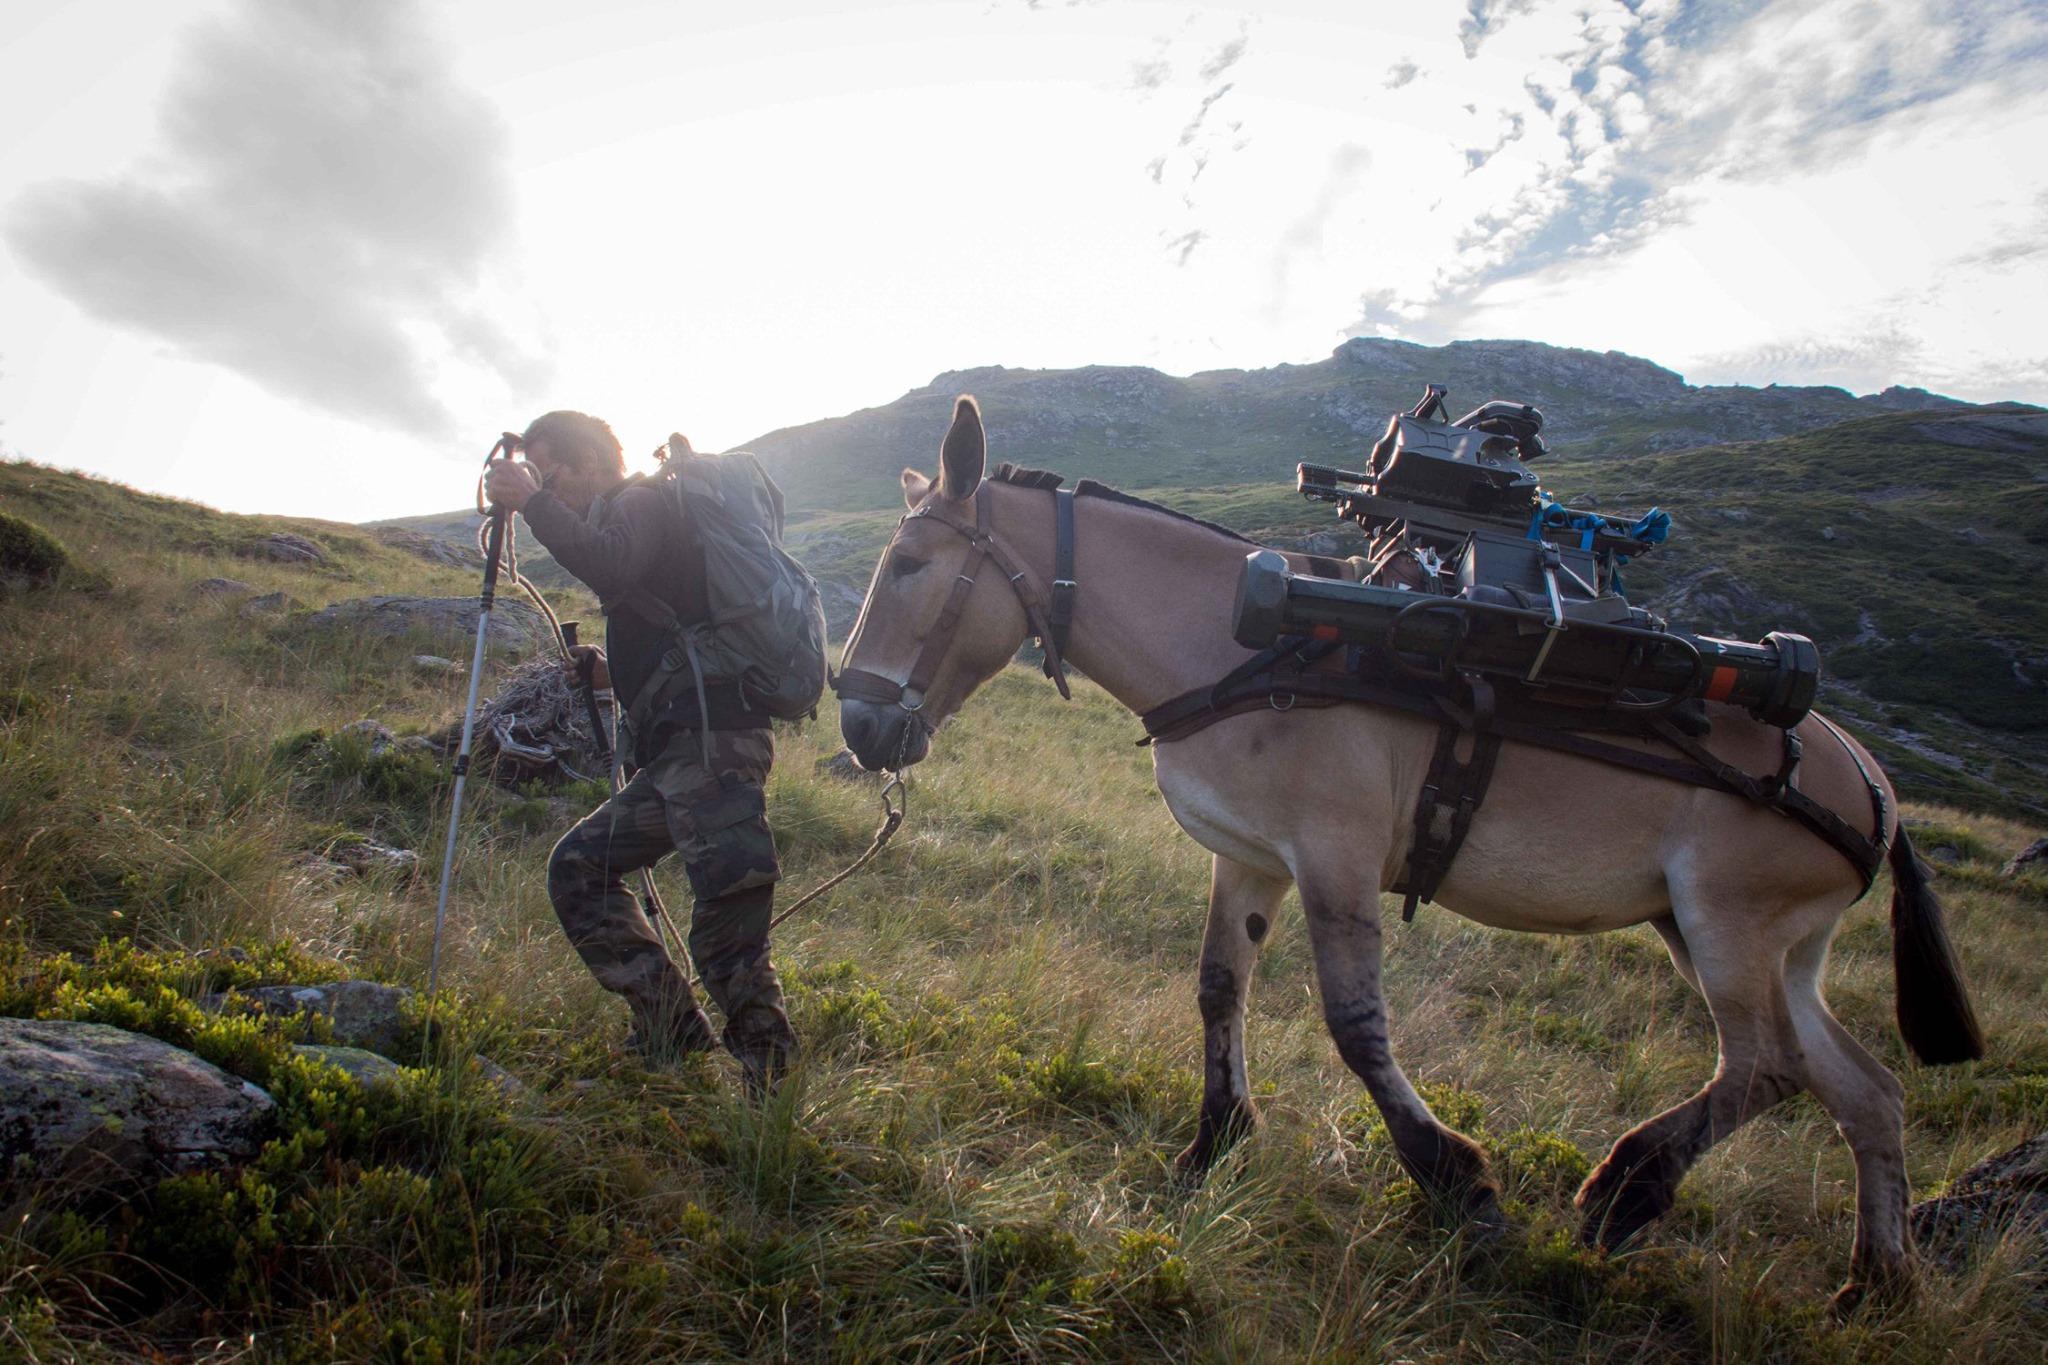 Le mulet prêt à reprendre du service dans les troupes de montagne. Le-mulet-pre%CC%82t-a%CC%80-reprendre-du-service-dans-les-troupes-de-montagne_001